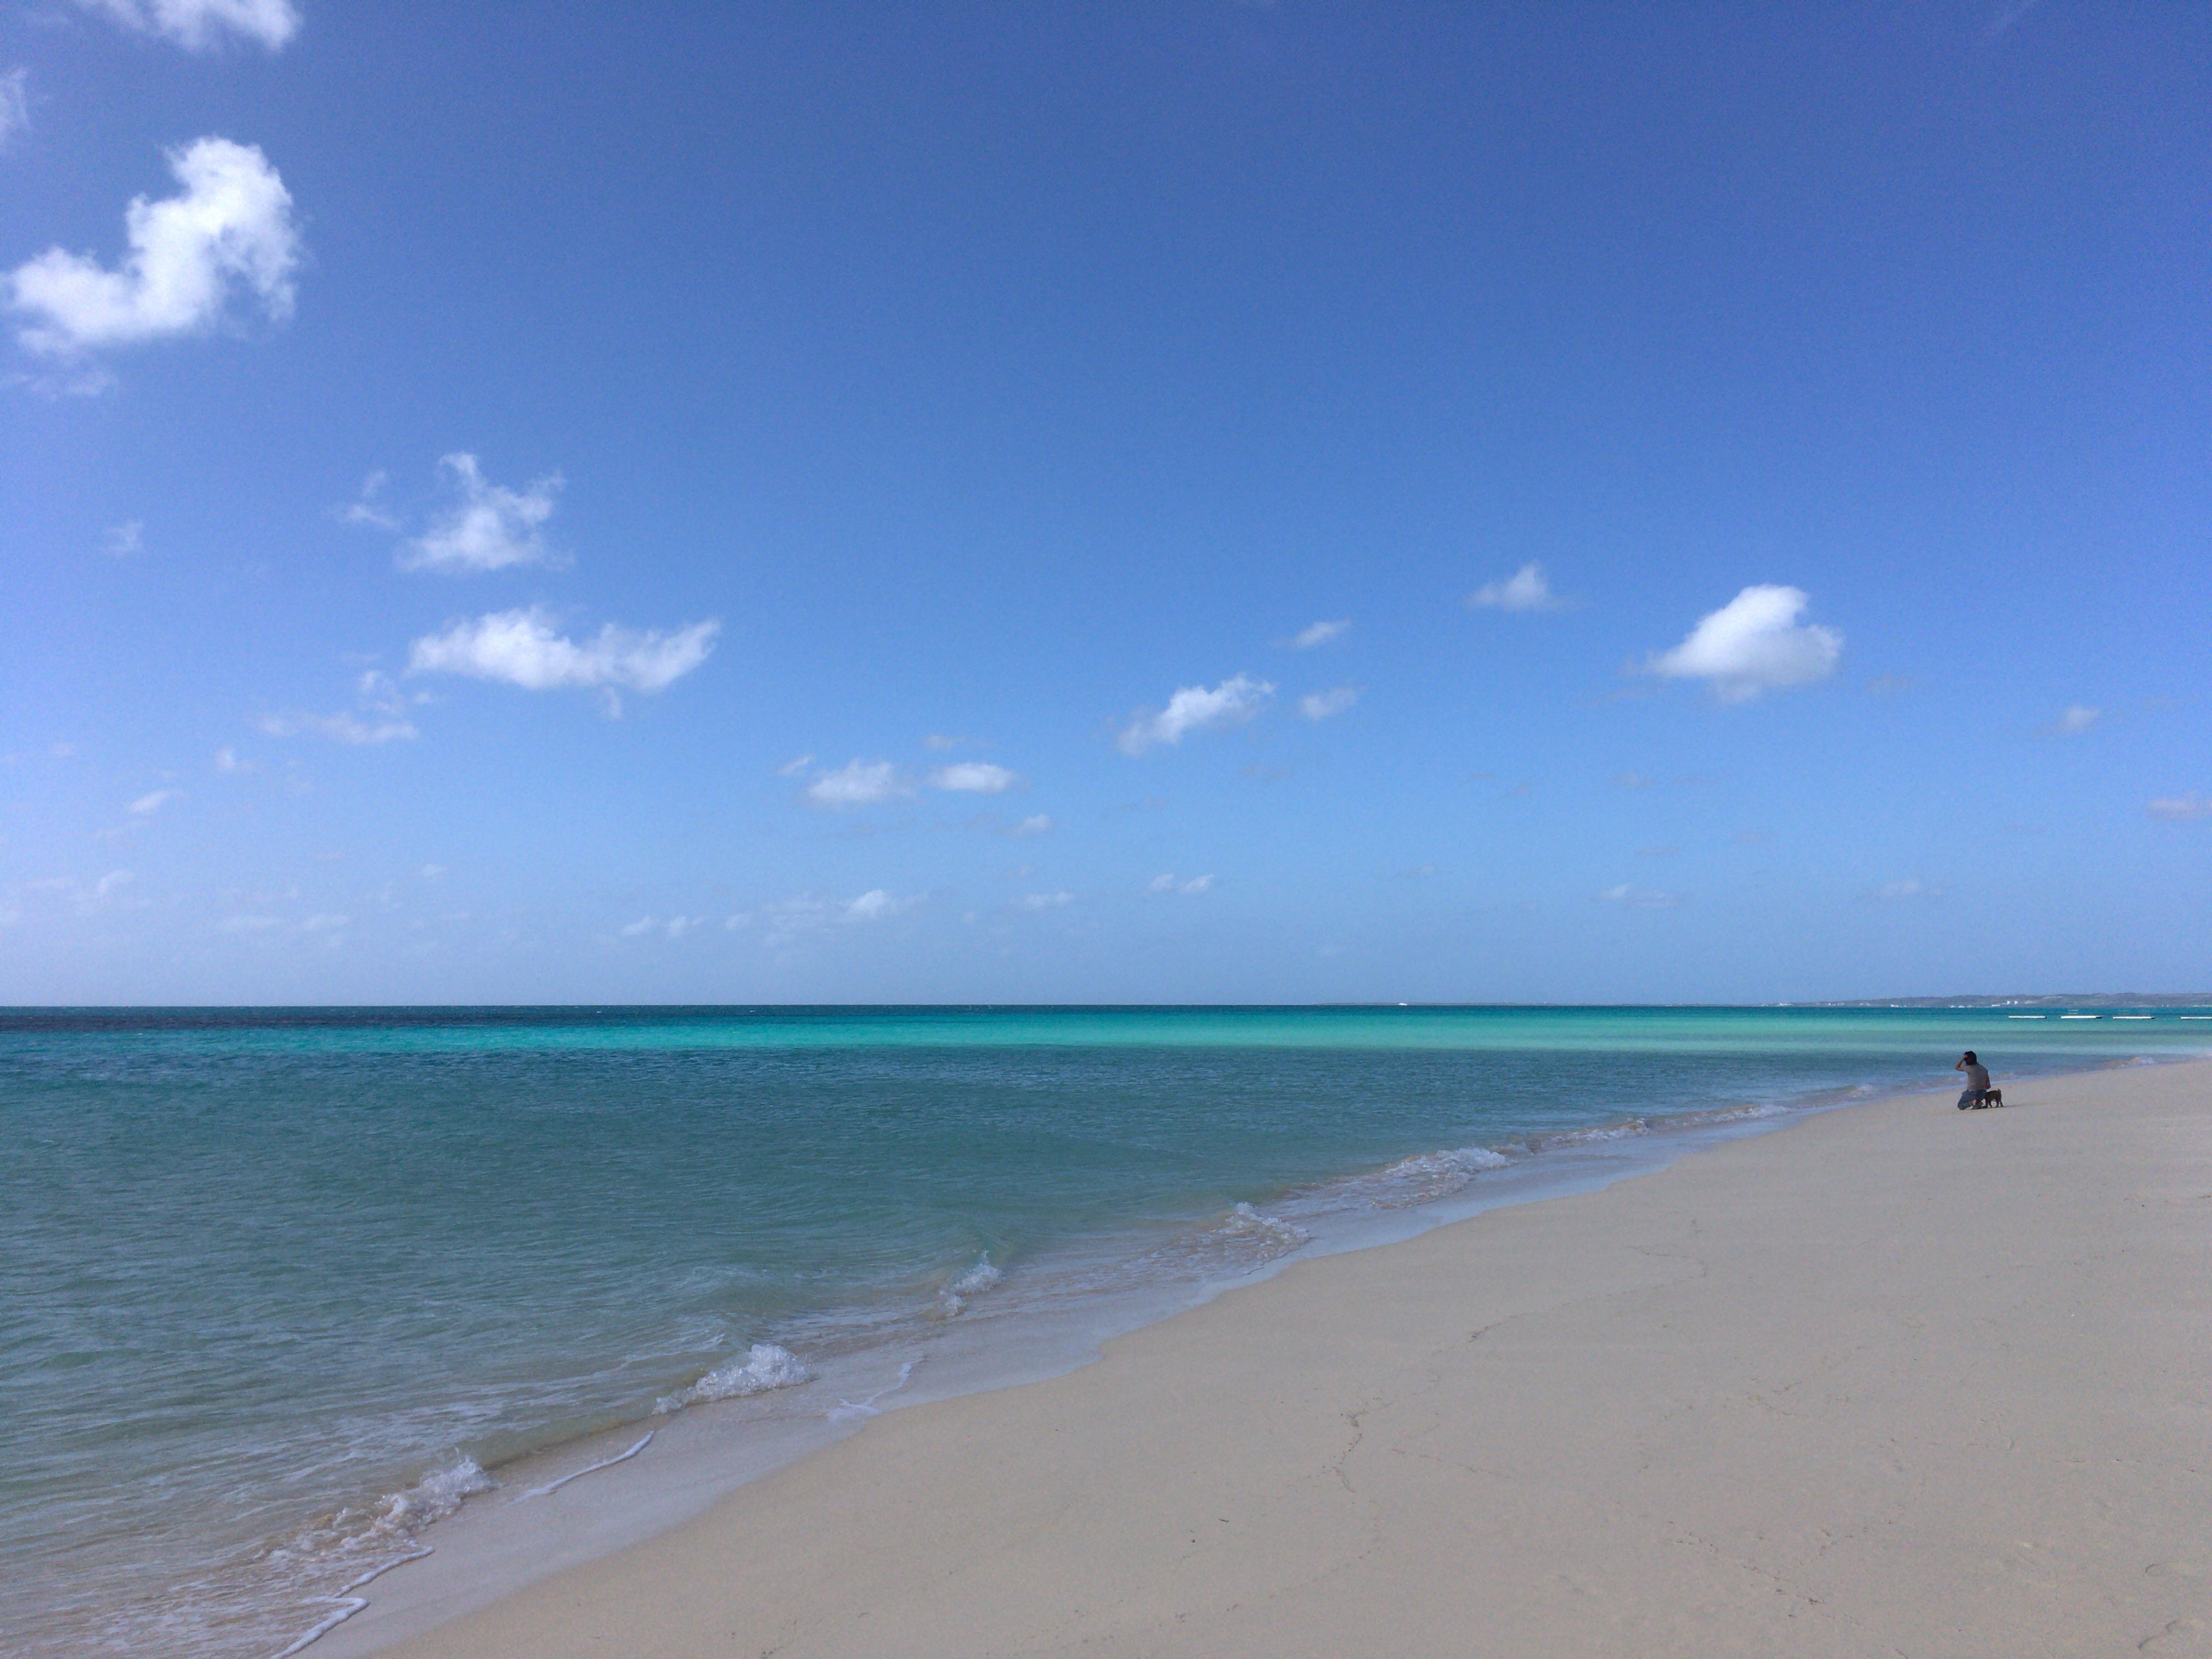 絵画のような写真が取れる絶景ビーチだ